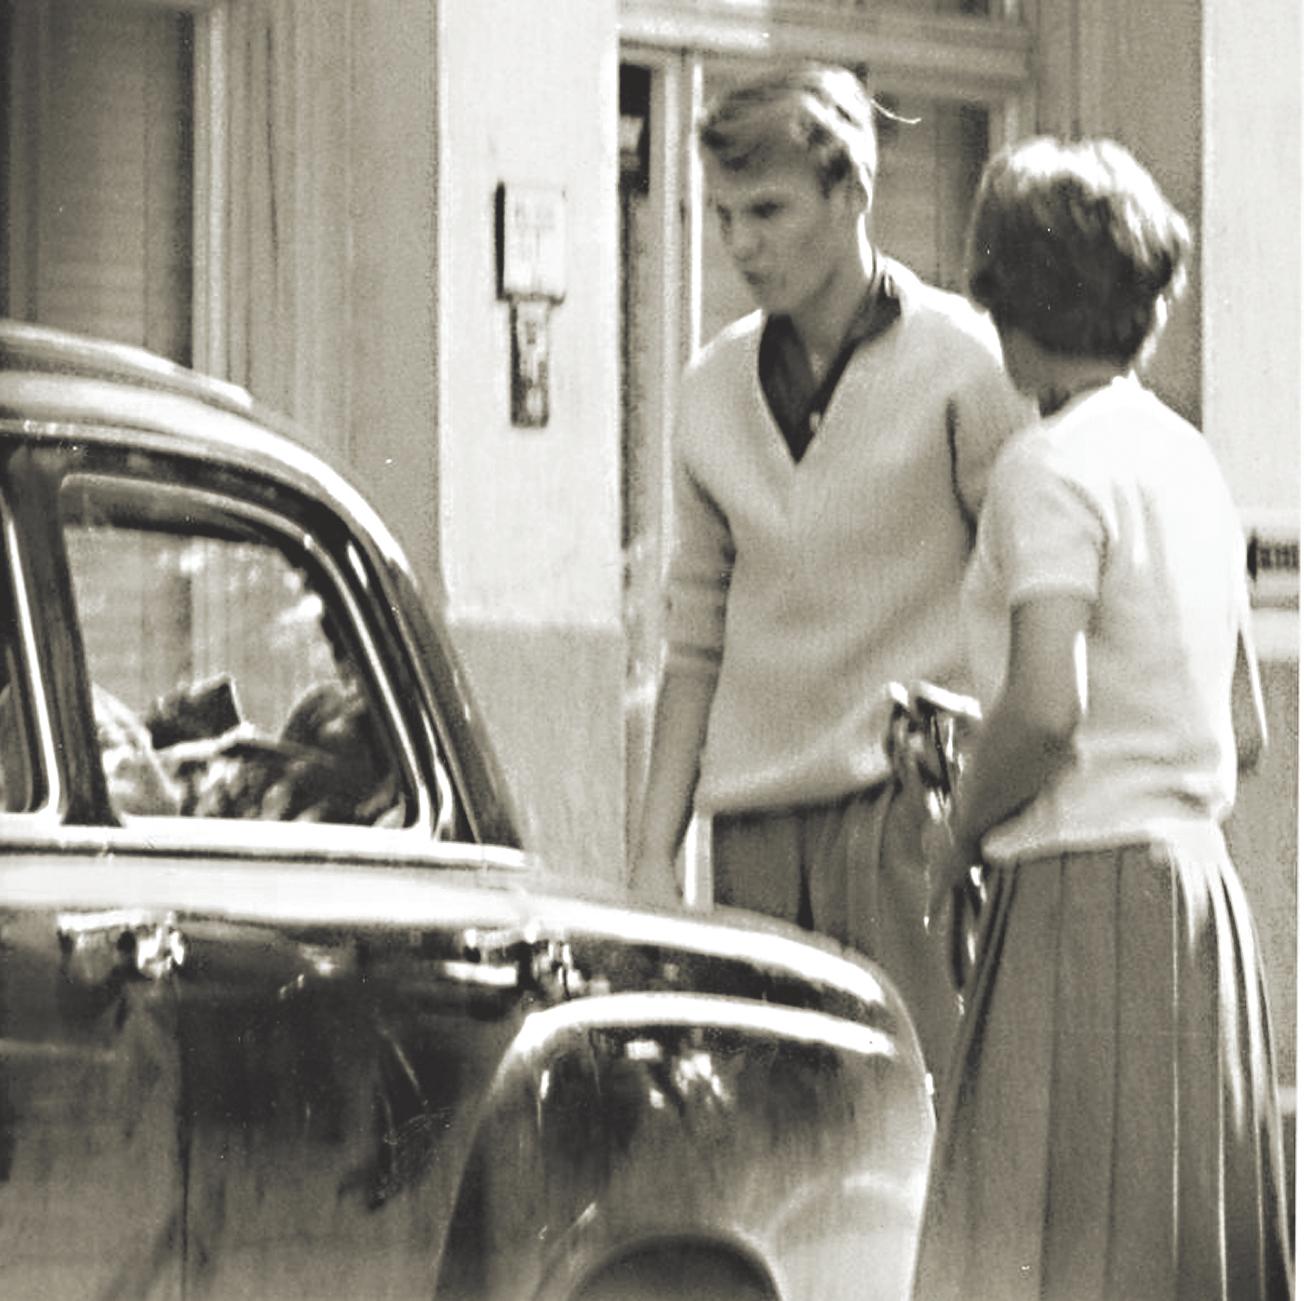 מרתה עם בנה, קרל־היינץ